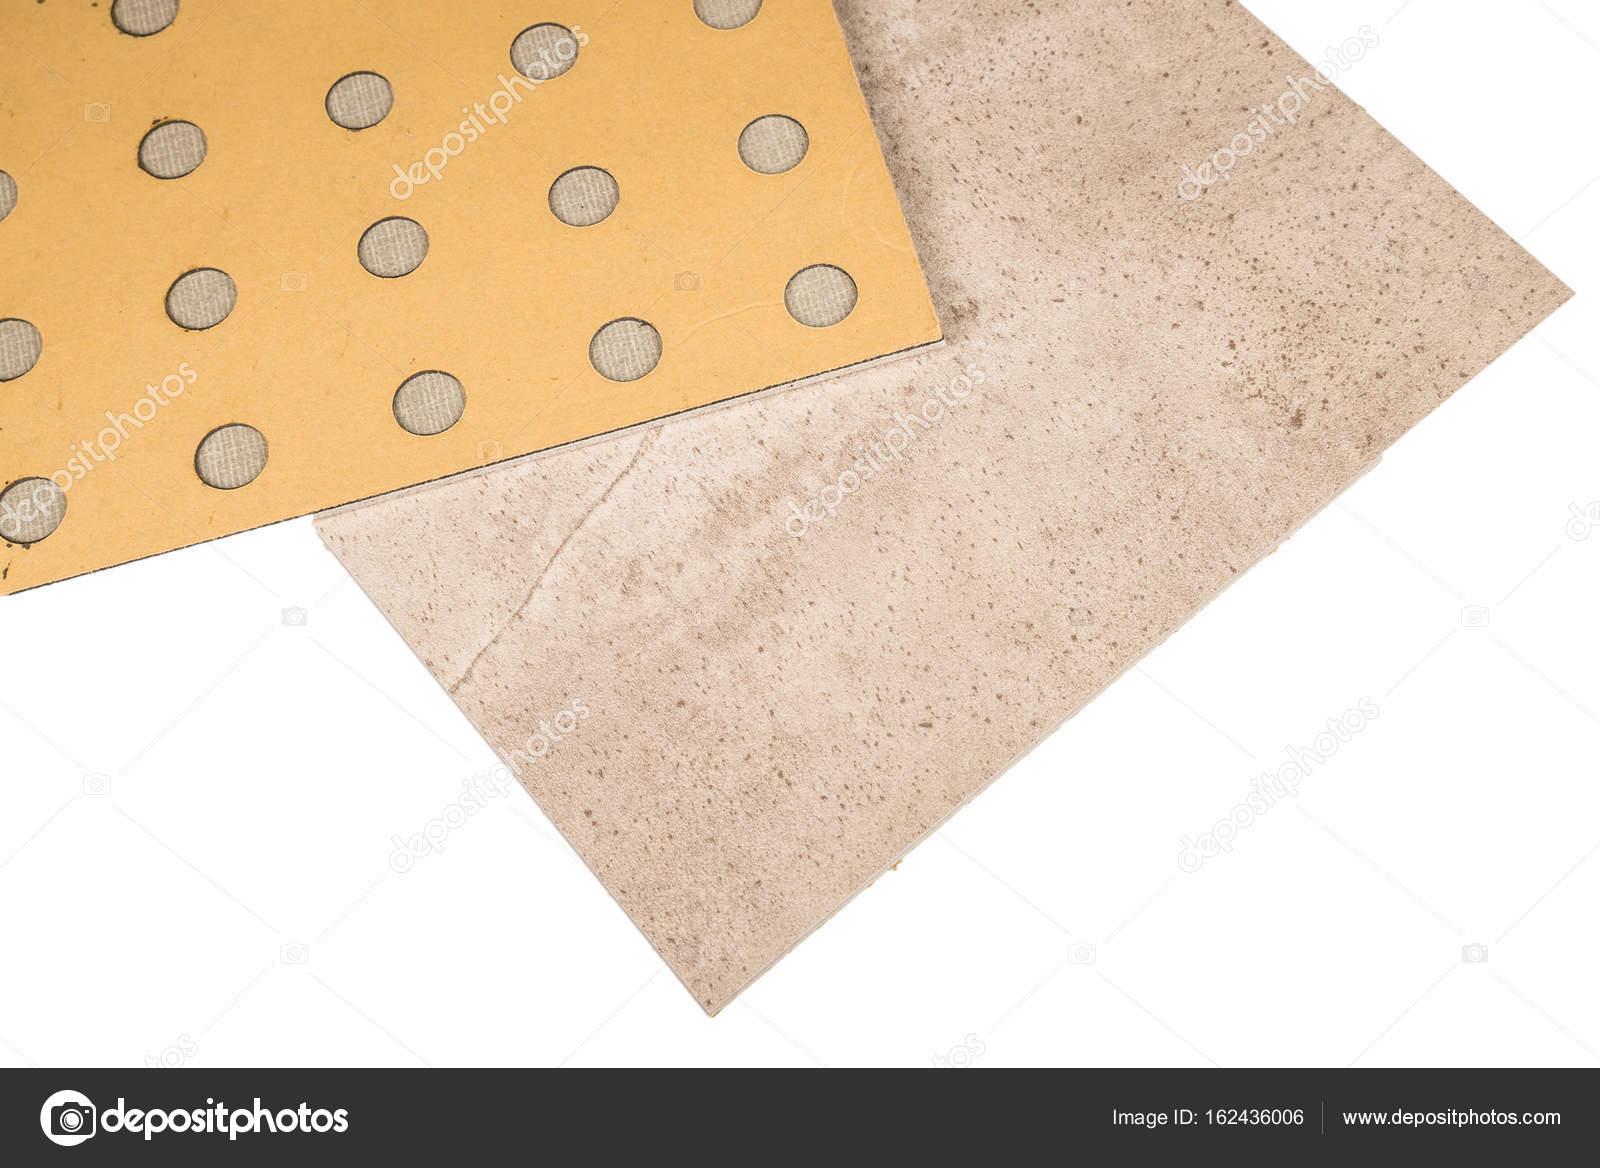 Piastrelle di vinile adesivo  Foto Stock  OlafSpeier